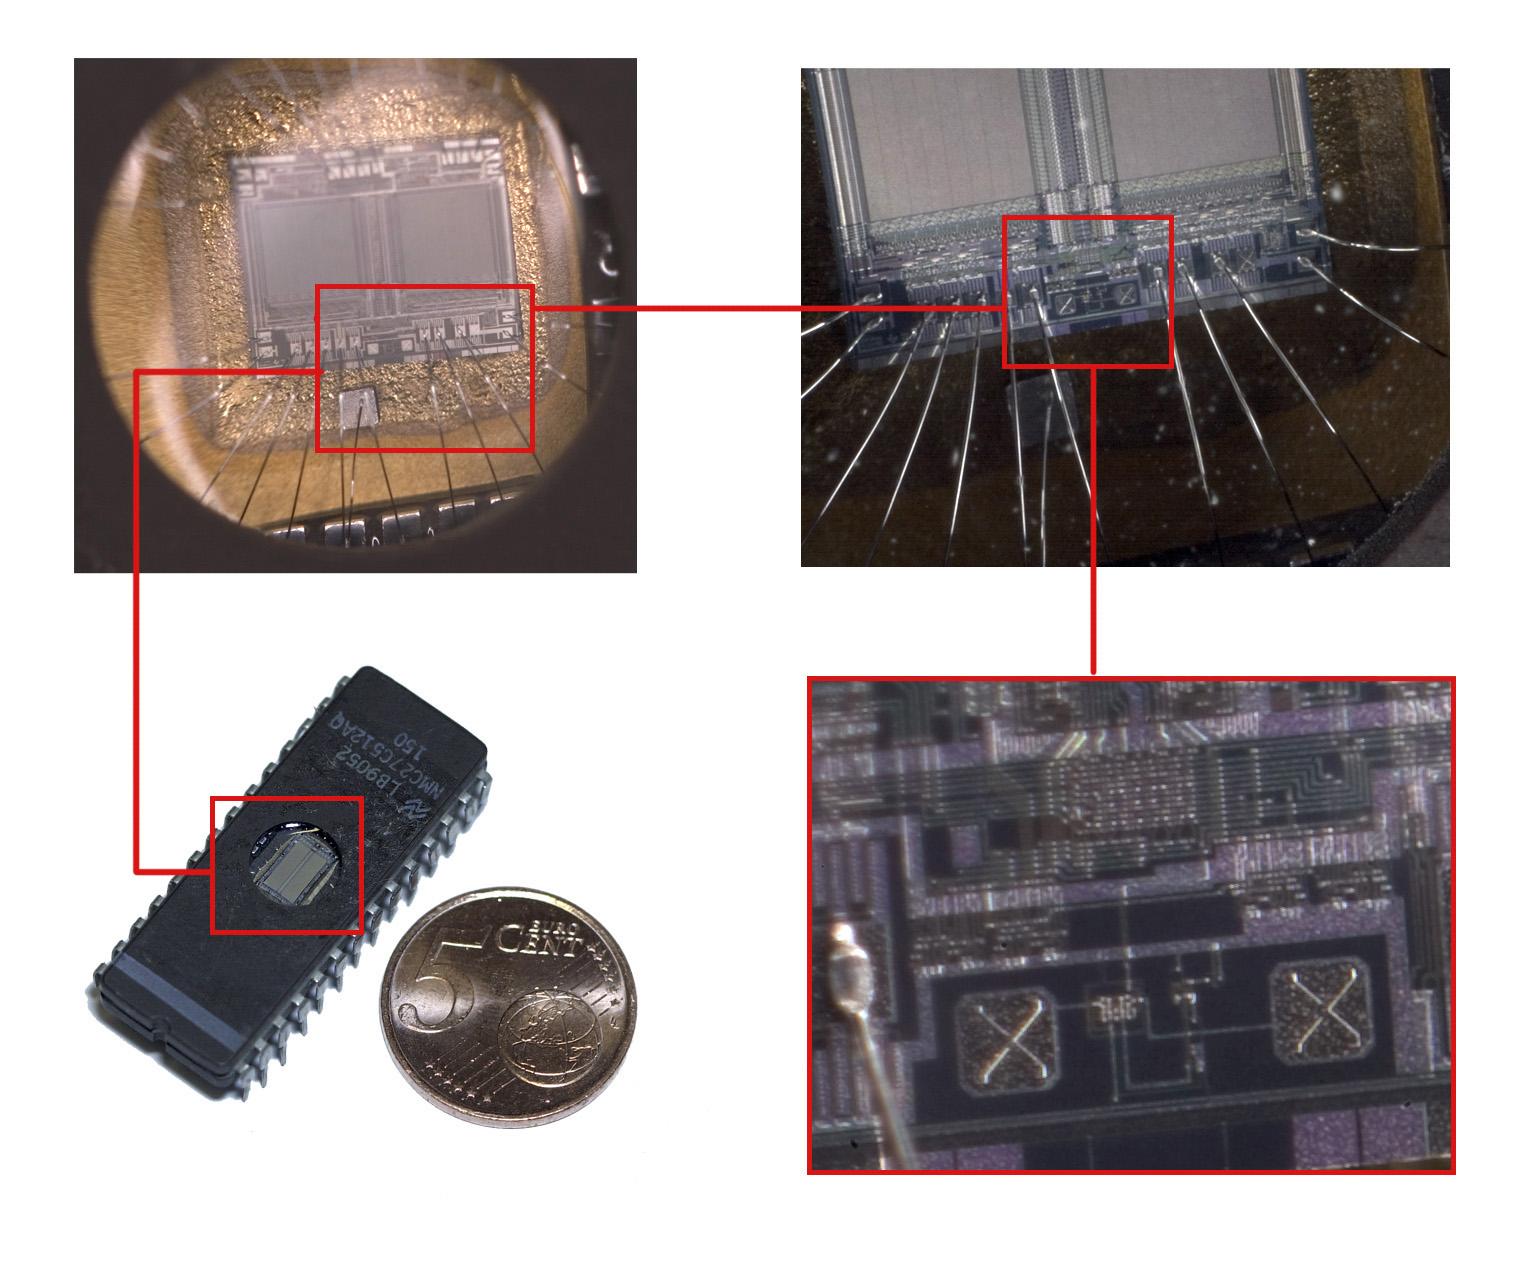 Как разработать микросхему. Собственный процессор (почти) - 1